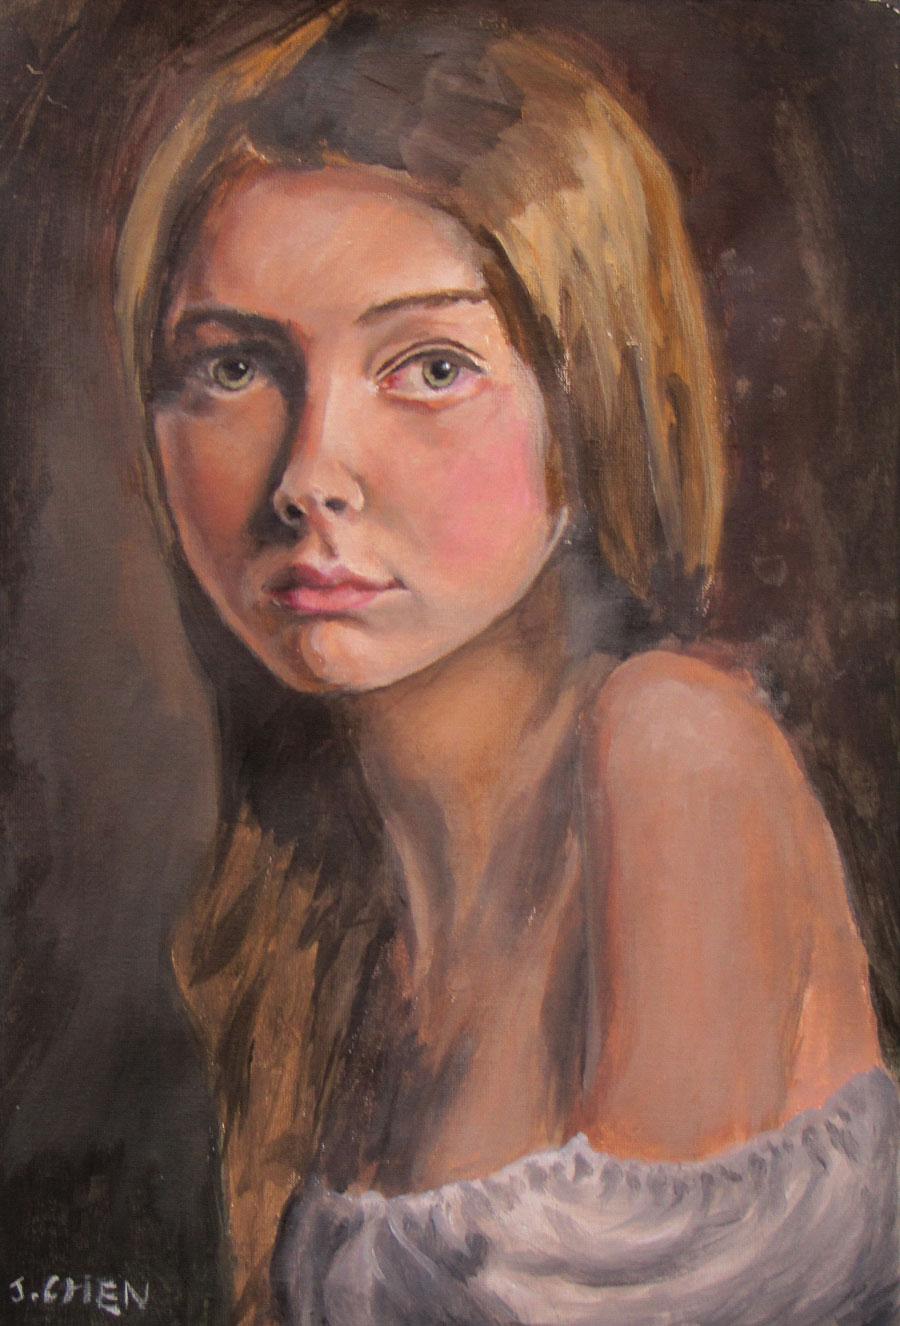 Young Girl - John Chen